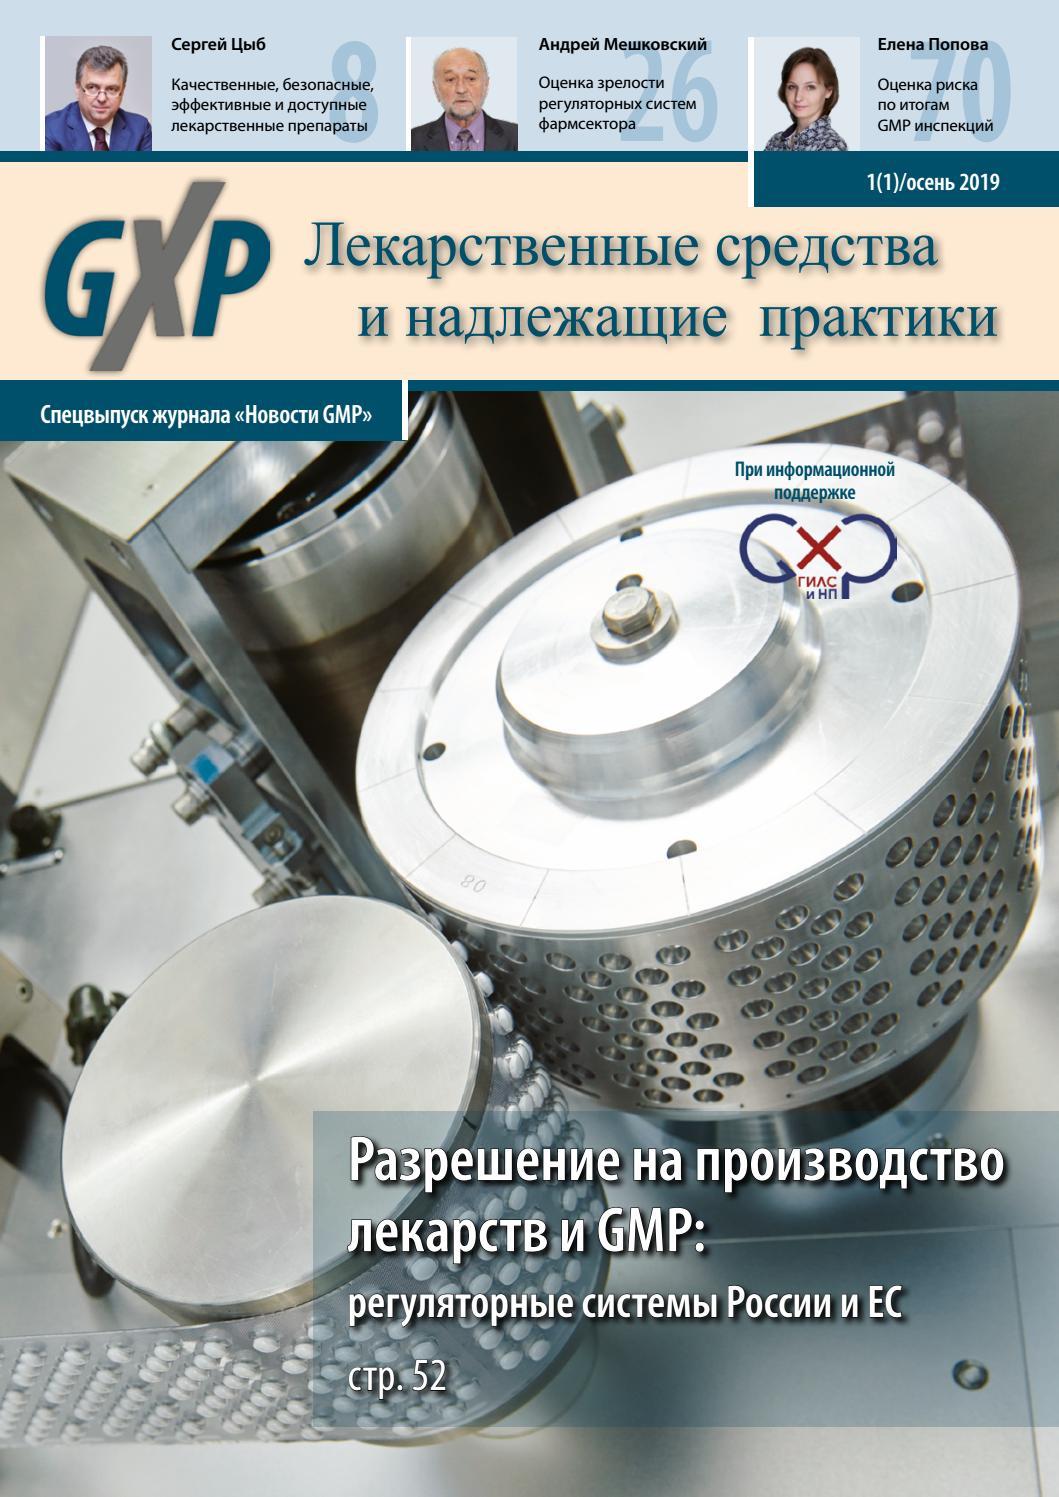 Региональный список льготных лекарств на 2020 год московская область